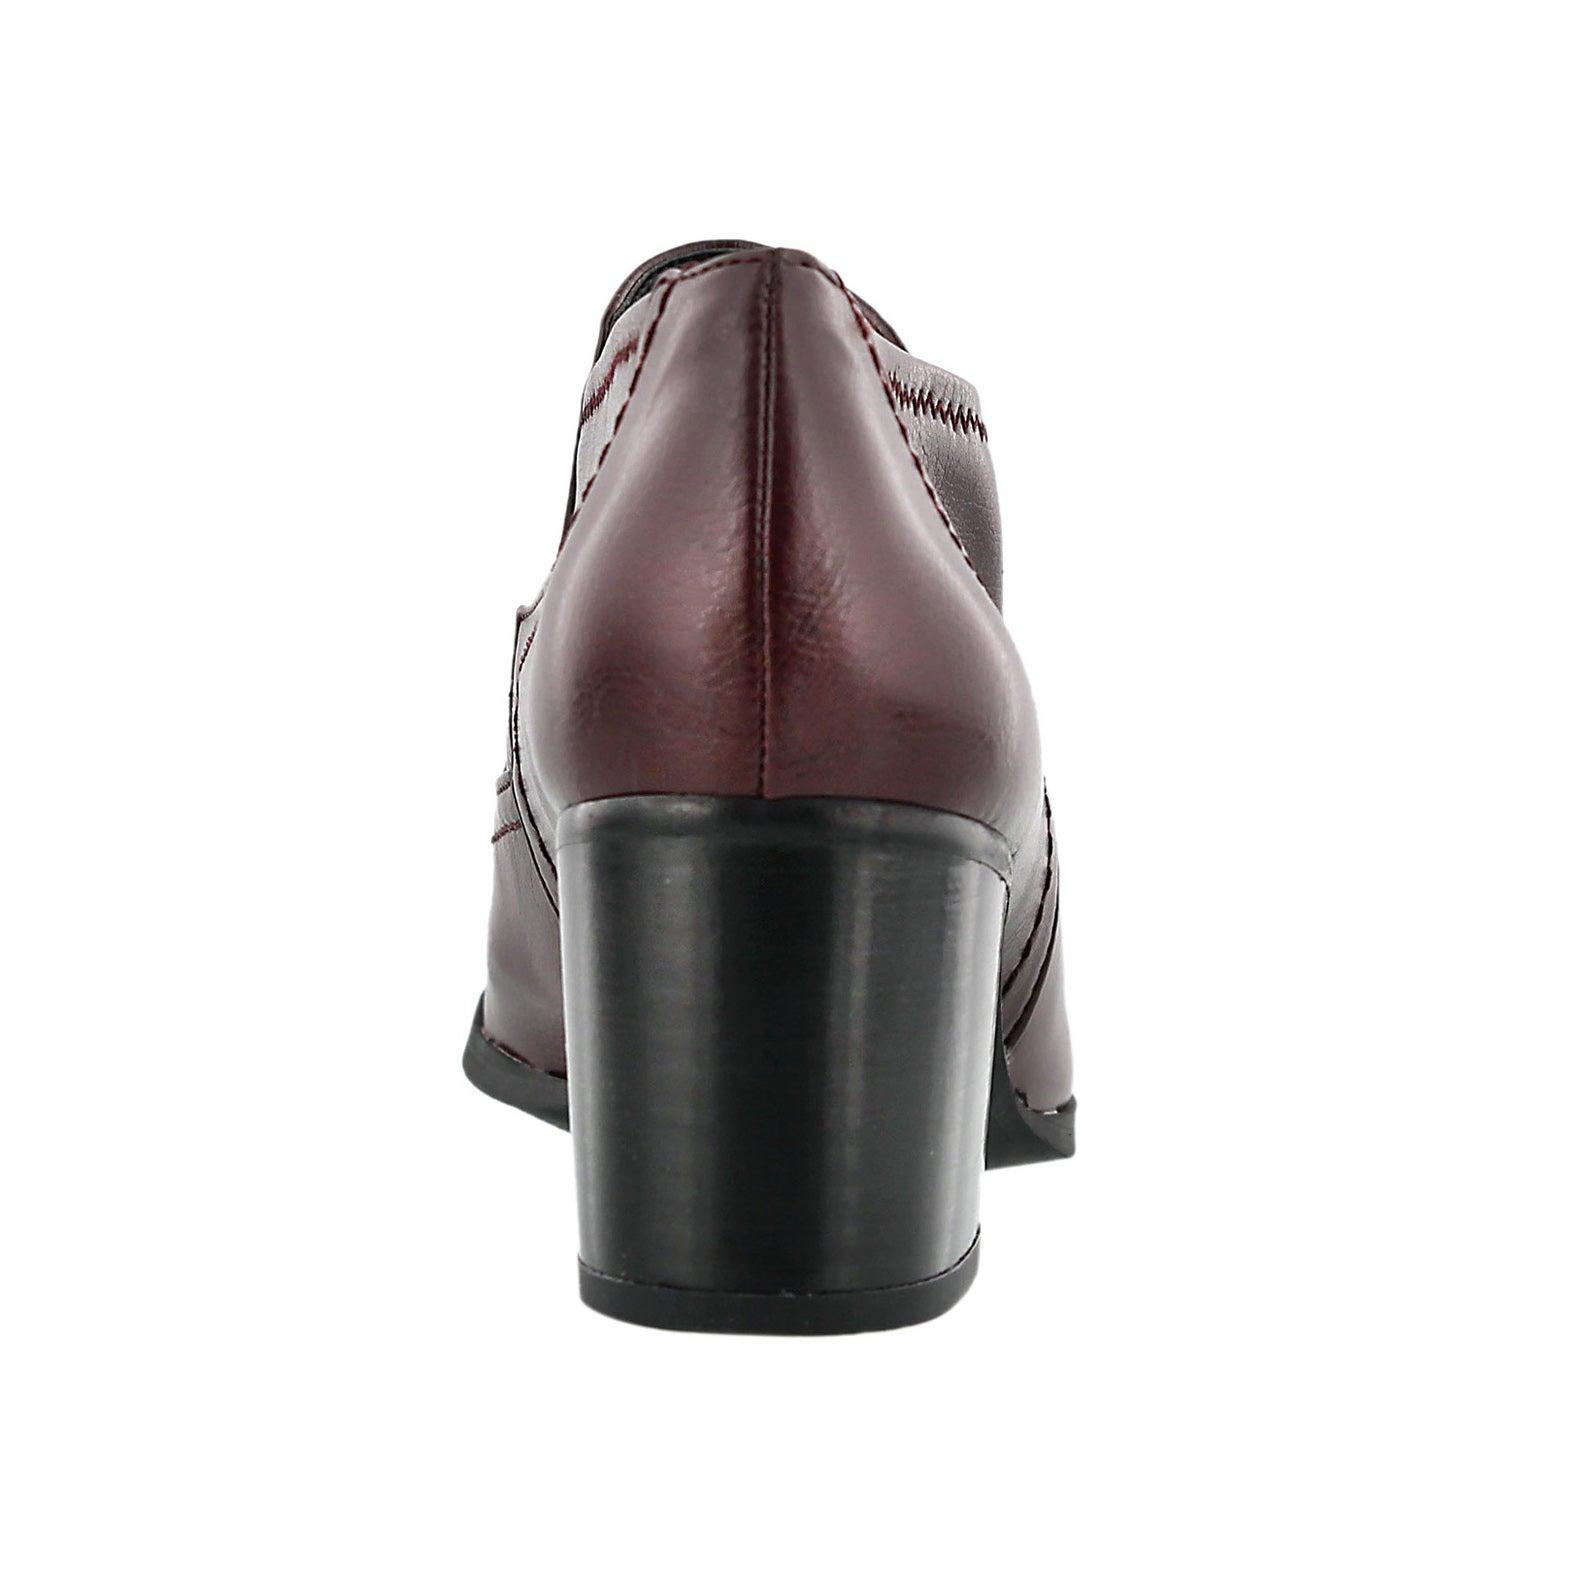 Chaussures décon. Ashland, bordeaux, fem